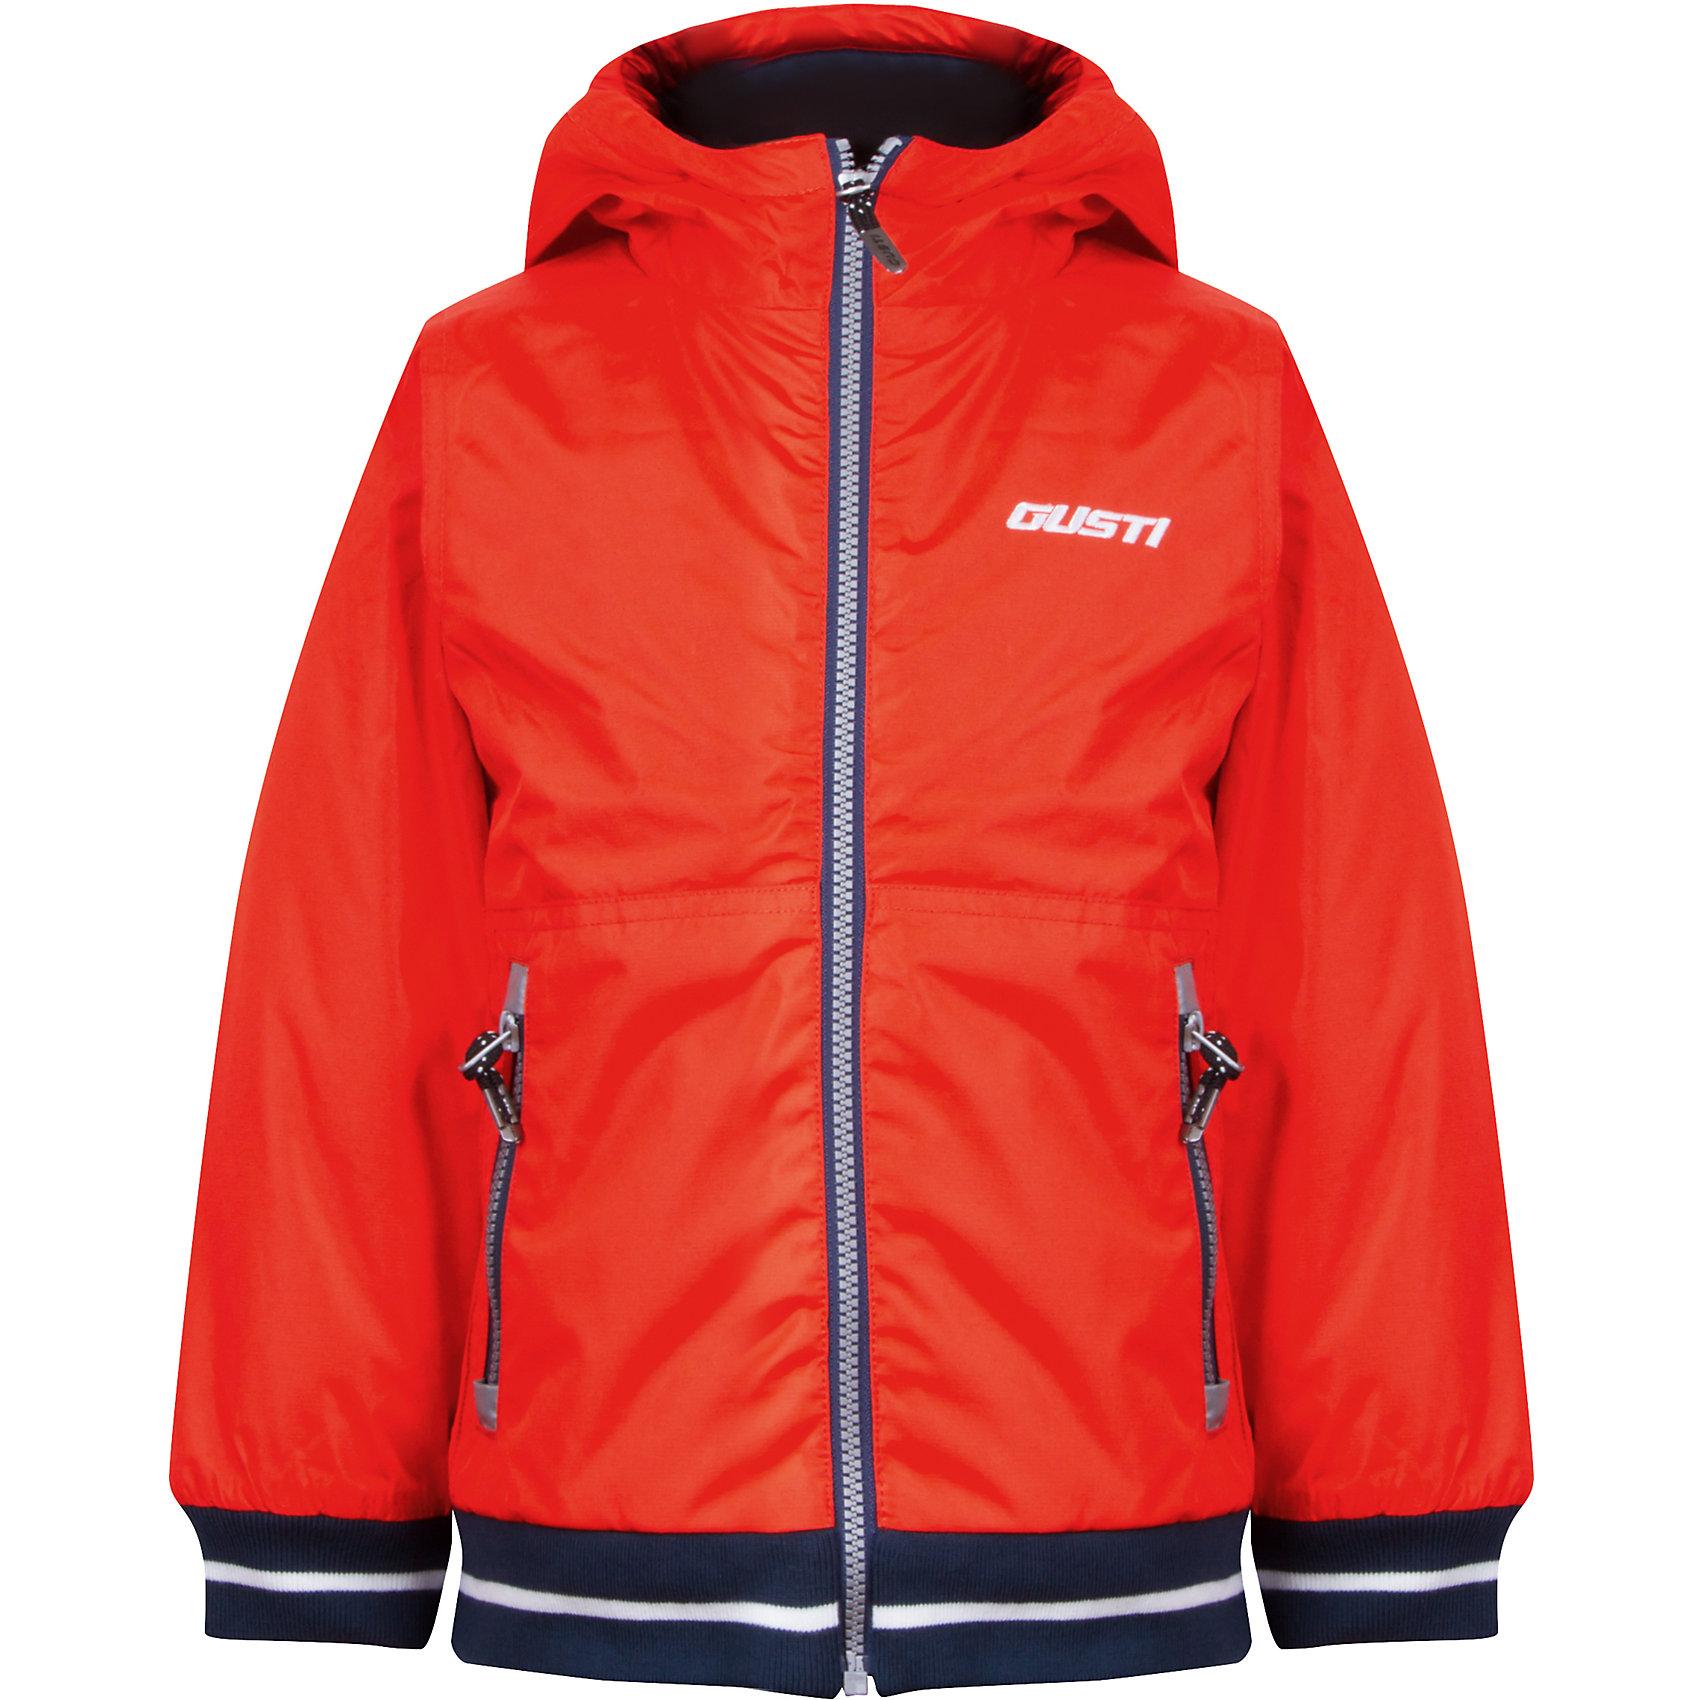 Куртка для мальчика GustiВерхняя одежда<br>Характеристики товара:<br><br>• цвет: оранжевый<br>• состав: 100% полиэстер, полиуретановое покрытие, подкладка - 100% полиэстер<br>• наполнитель: 100 гр teck polifill<br>• температурный режим: от +5° С до +15° С<br>• водонепроницаемый материал<br>• капюшон<br>• карманы<br>• водонепроницаемость: 2000 мм<br>• паропроницаемость: 2000 г/м2<br>• комфортная посадка<br>• светоотражающие элементы<br>• молния<br>• подкладка: таффета<br>• демисезонная<br>• страна бренда: Канада<br><br>Эта демисезонная куртка с мембранной технологией поможет обеспечить ребенку комфорт и тепло. Изделие удобно садится по фигуре, отлично смотрится с различным низом и обувью. Куртка модно выглядит, она хорошо защищает от ветра и влаги. Материал отлично подходит для дождливой погоды. Стильный дизайн разрабатывался специально для детей.<br><br>Куртку для мальчика от известного бренда Gusti (Густи) можно купить в нашем интернет-магазине.<br><br>Ширина мм: 356<br>Глубина мм: 10<br>Высота мм: 245<br>Вес г: 519<br>Цвет: оранжевый<br>Возраст от месяцев: 18<br>Возраст до месяцев: 24<br>Пол: Мужской<br>Возраст: Детский<br>Размер: 90,86,92,98,100,104,110,122,128,80,116,120<br>SKU: 5452389